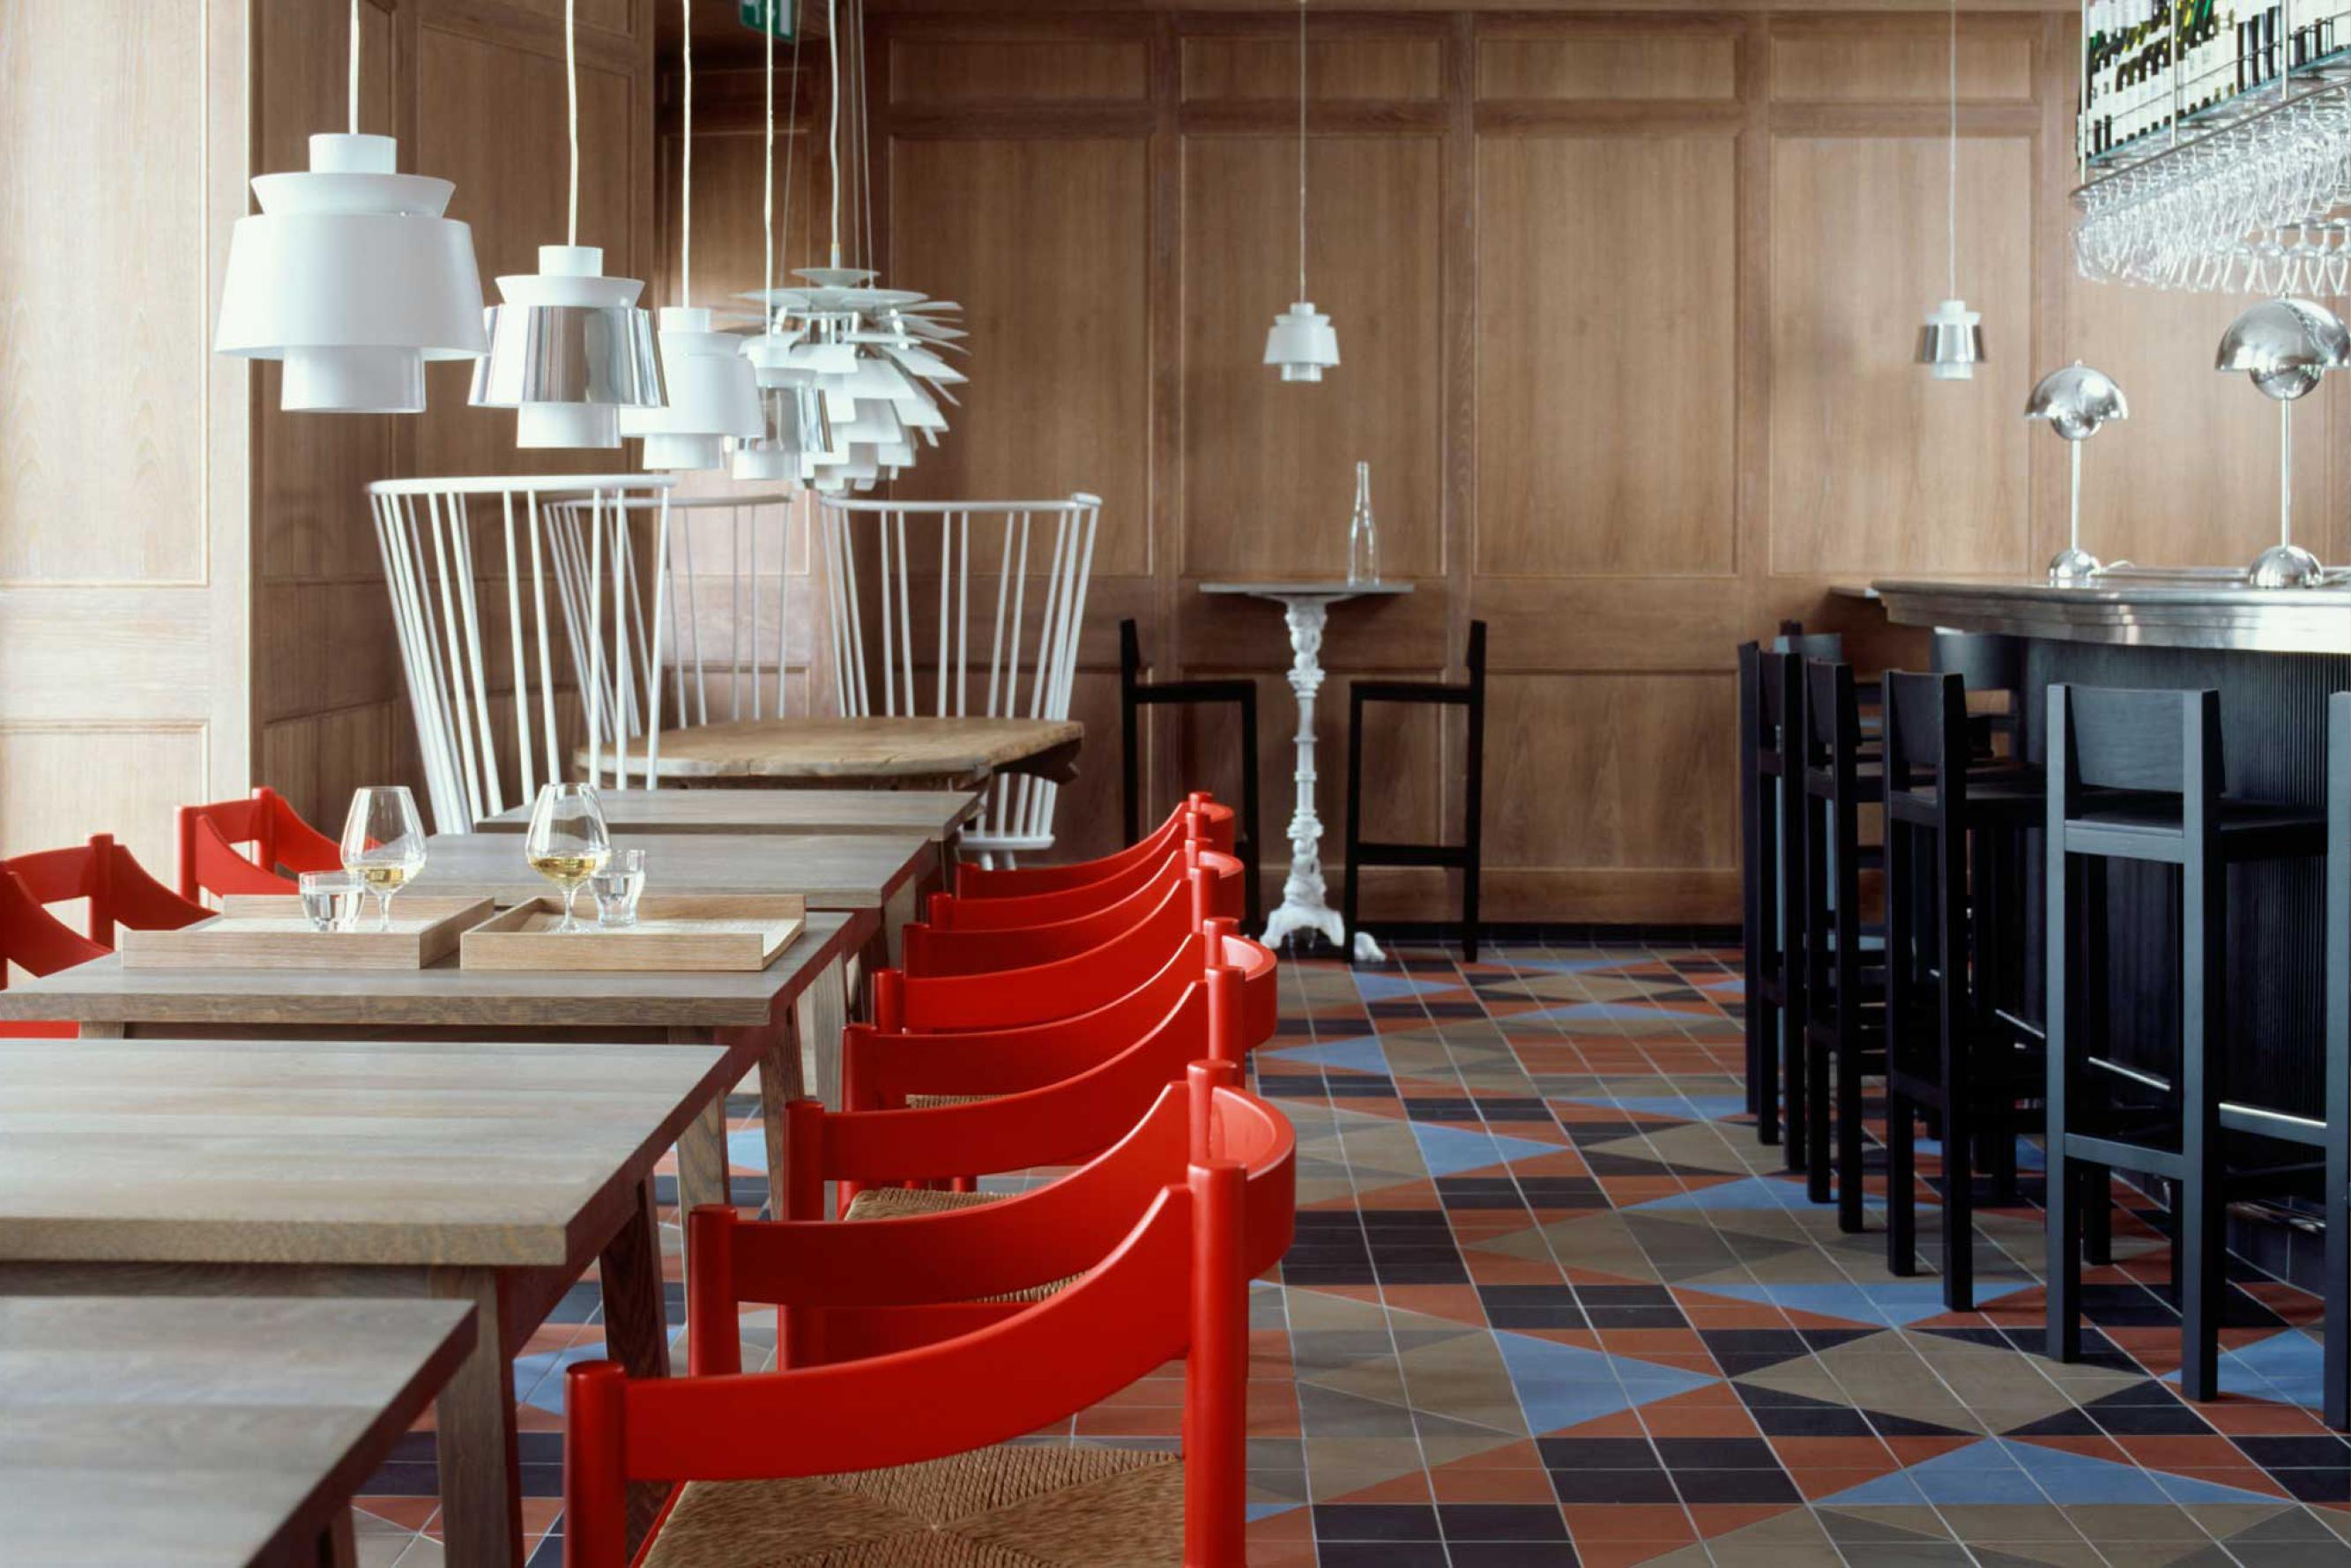 Studio Ilse Mathia Dahlgren Restaurant a modern restaurant design